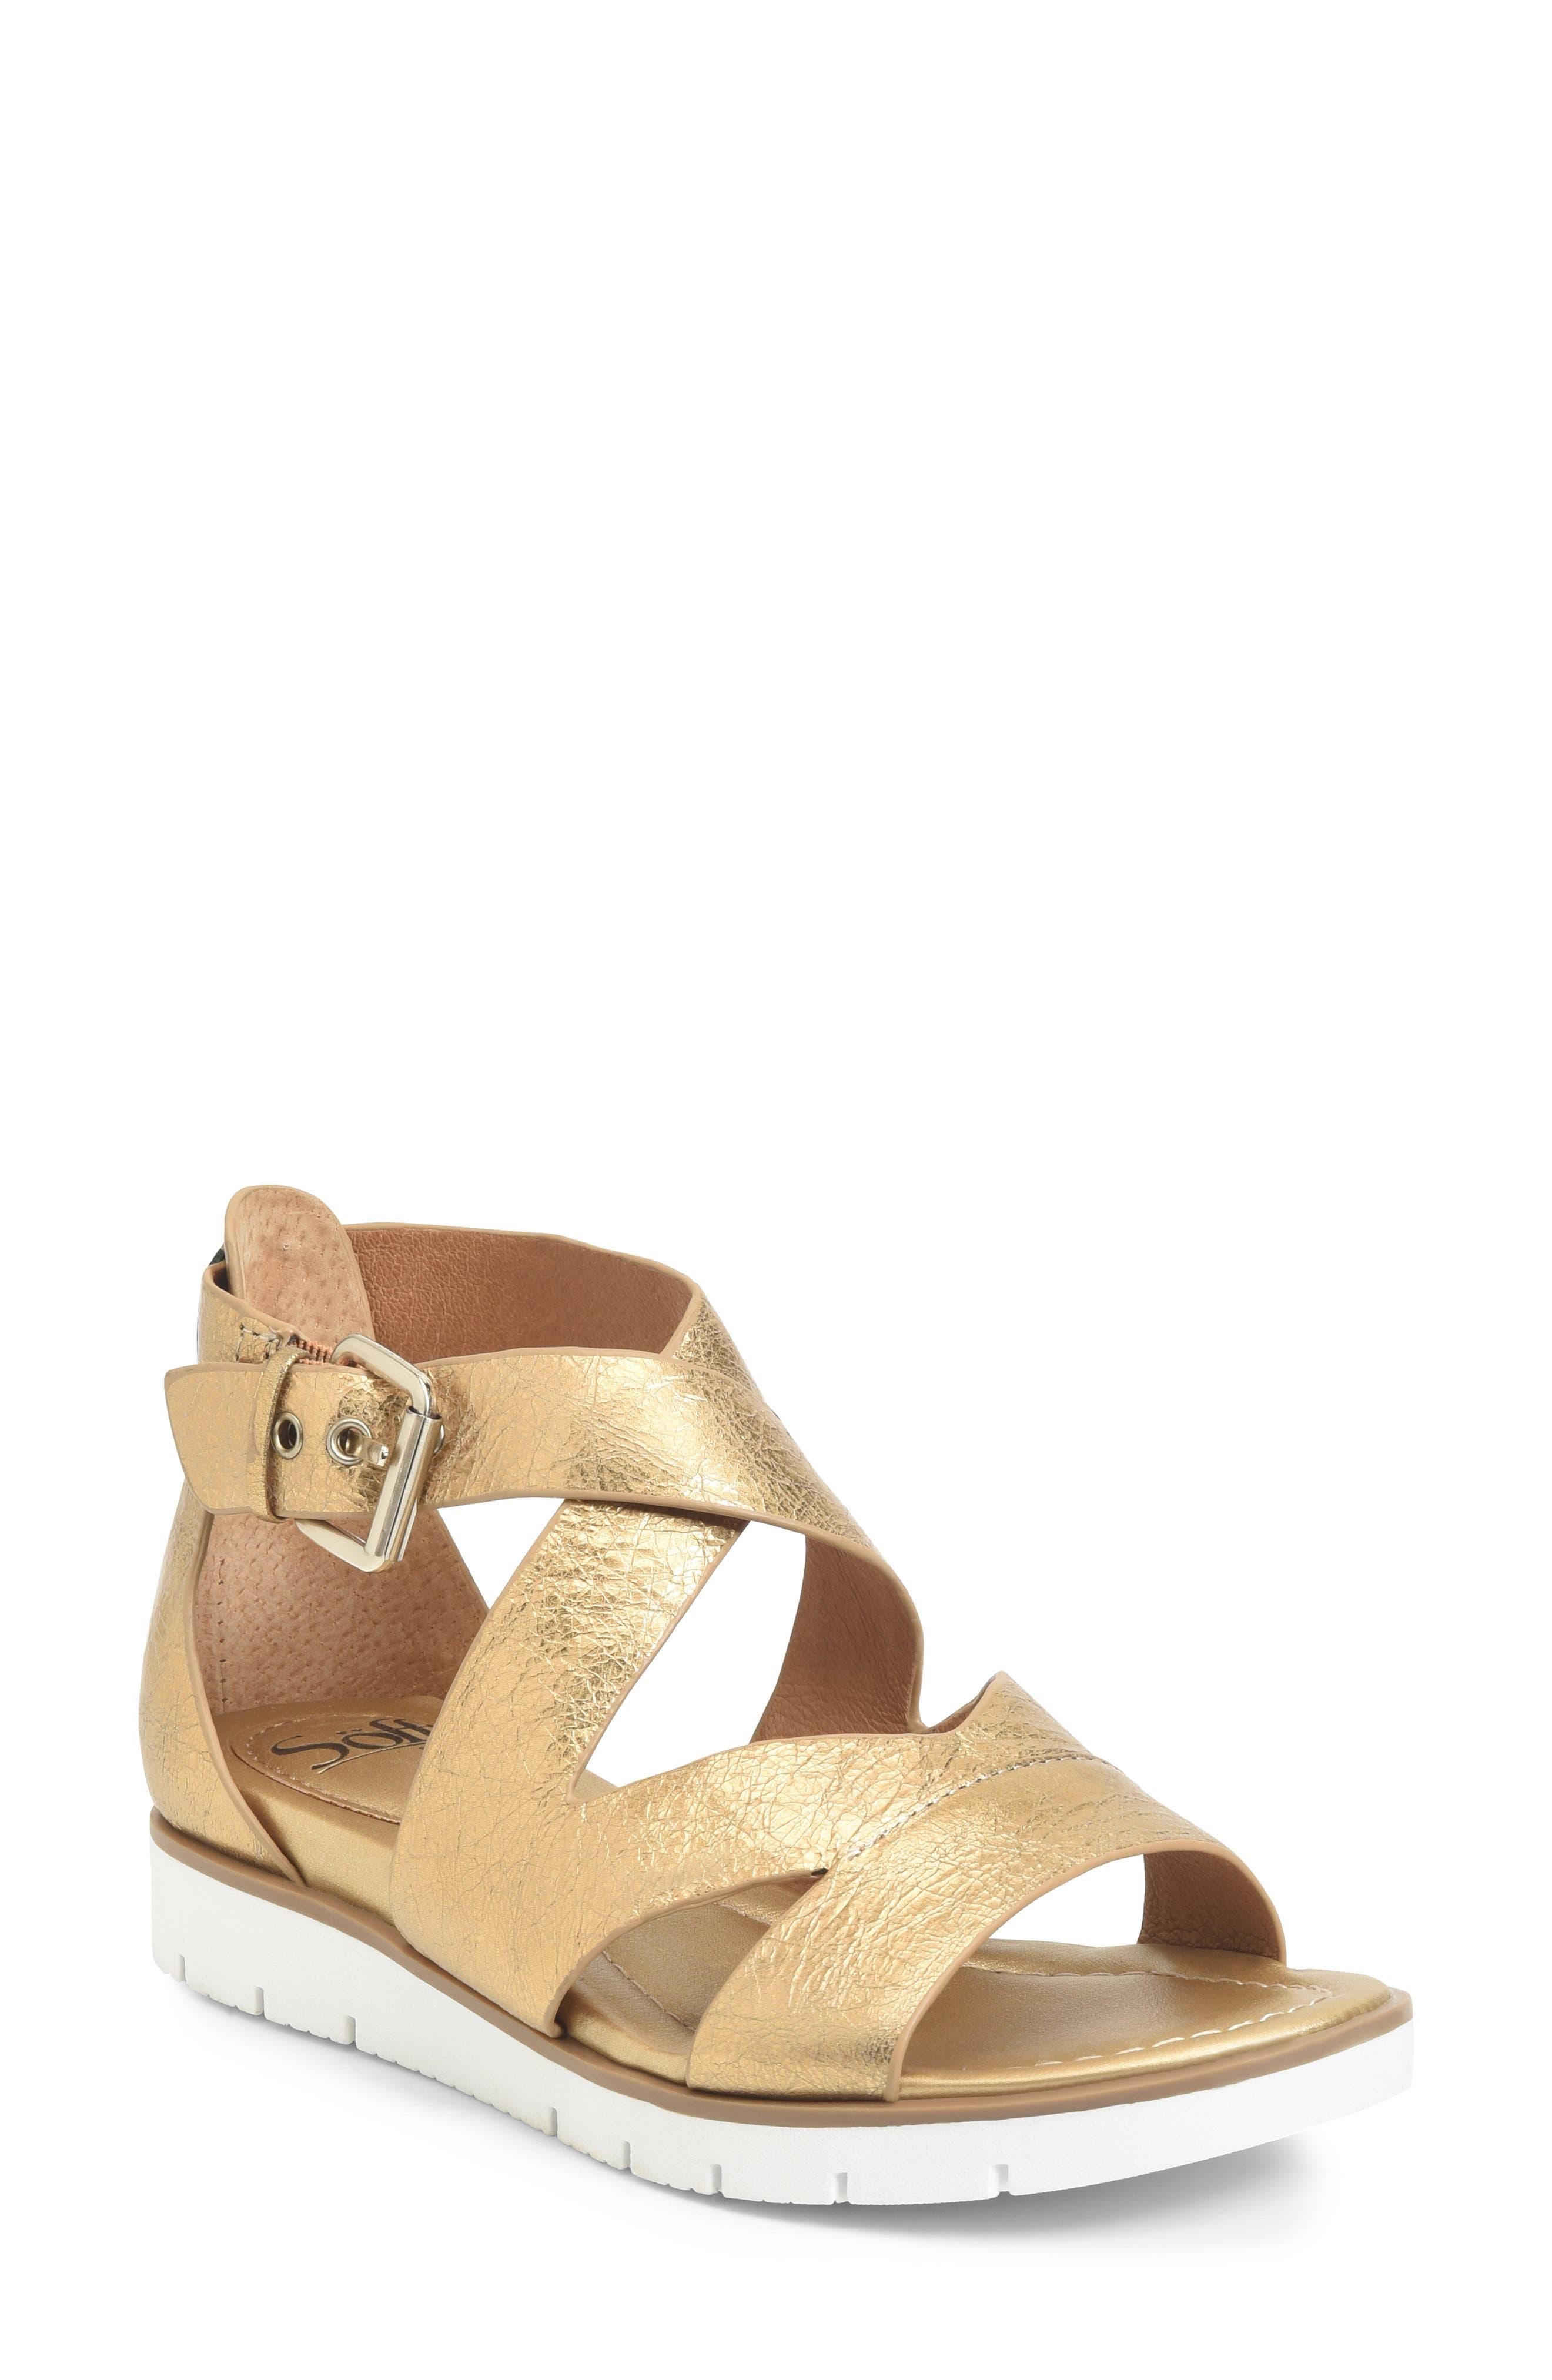 c070efbc4852 sofft shoes